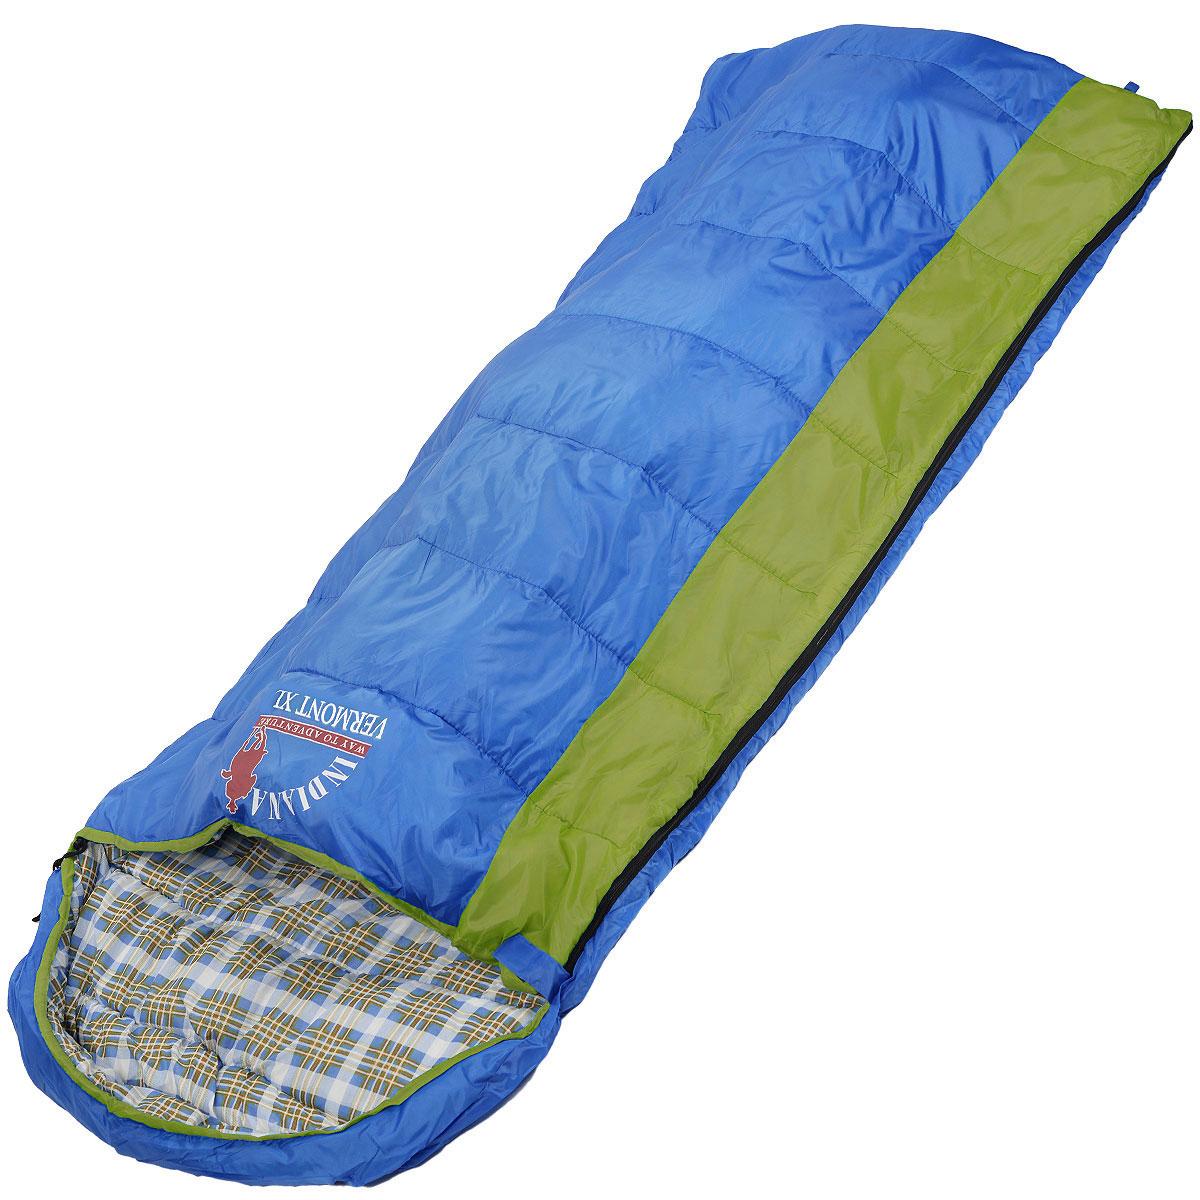 Мешок спальный Indiana Vermont Xl, правосторонняя молния, 220 х 95 см360700036Самый популярный трехсезонный спальник-одеяло с подголовником, предназначен для комфортного сна даже в холодное время года. Спальный мешок Indiana Vermont Xl не только убережет вас от холода, но и, благодаря увеличенным размерам, обеспечит максимально комфортные условия для вашего сна. Разъемная молния позволяет состыковать два спальника в один большой.